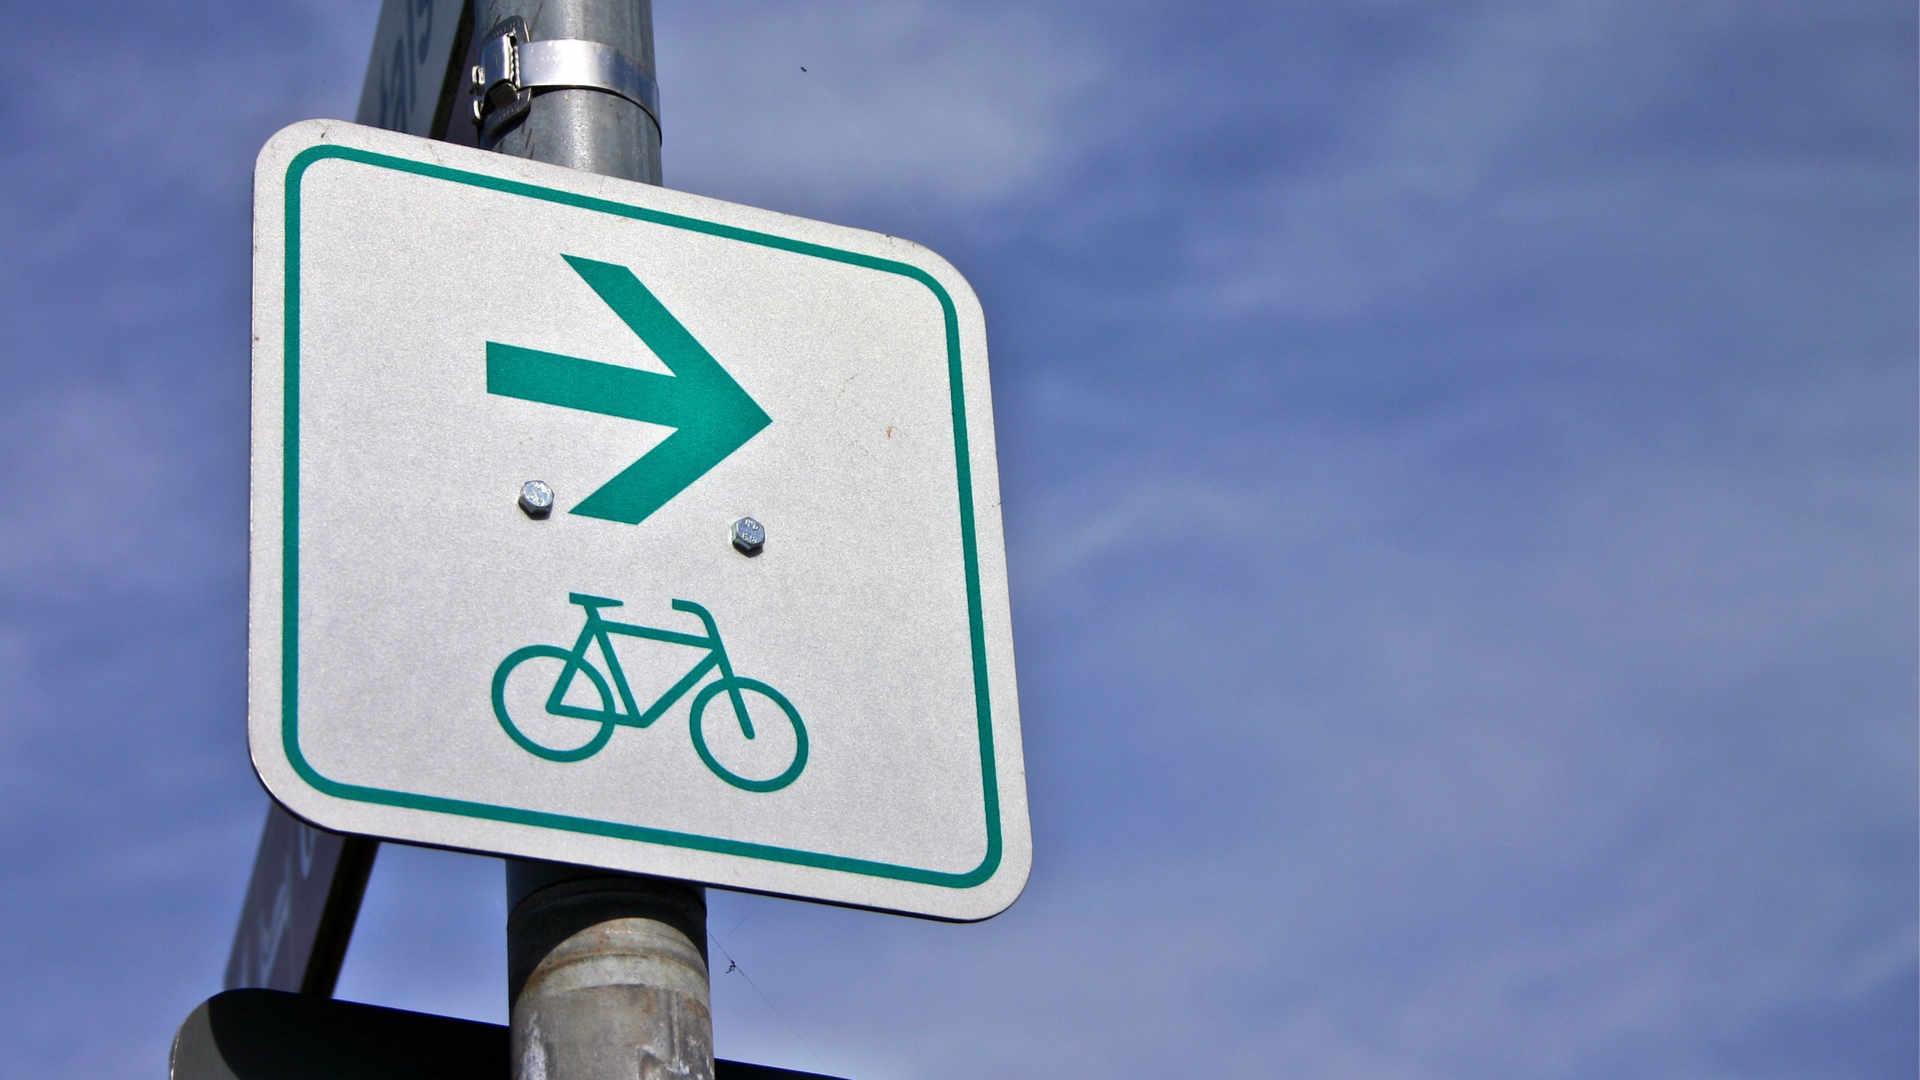 Haftung bei Fahrradunfällen